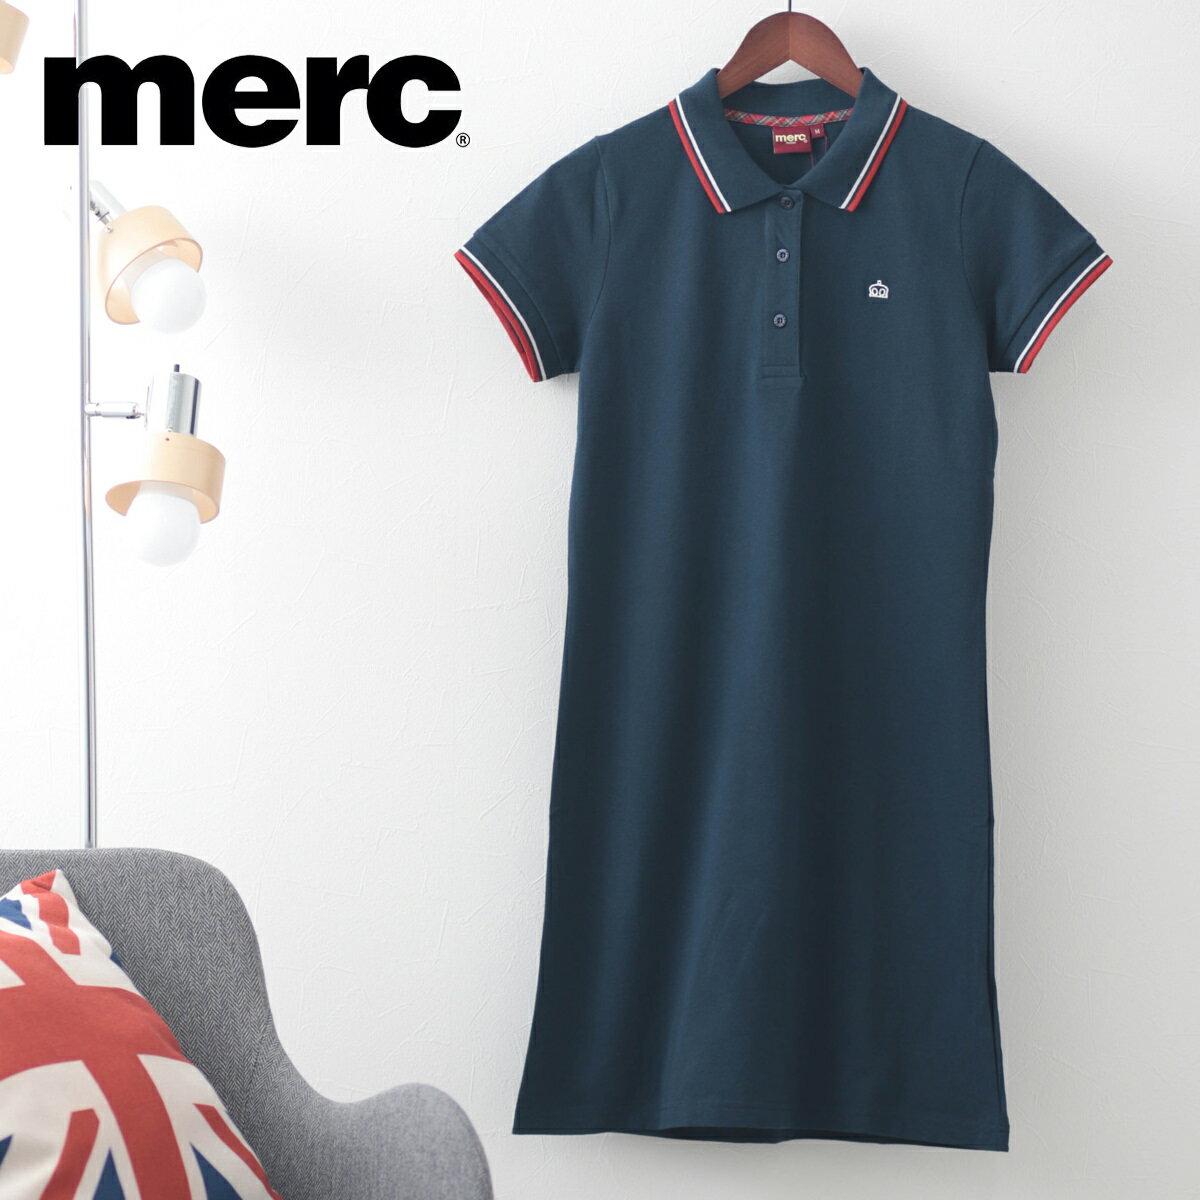 メルクロンドン Merc London ワンピース ワンピ ポロ ドレス 18SS 新作 ネイビー ブラック レディース モッズファッション プレゼント ギフト